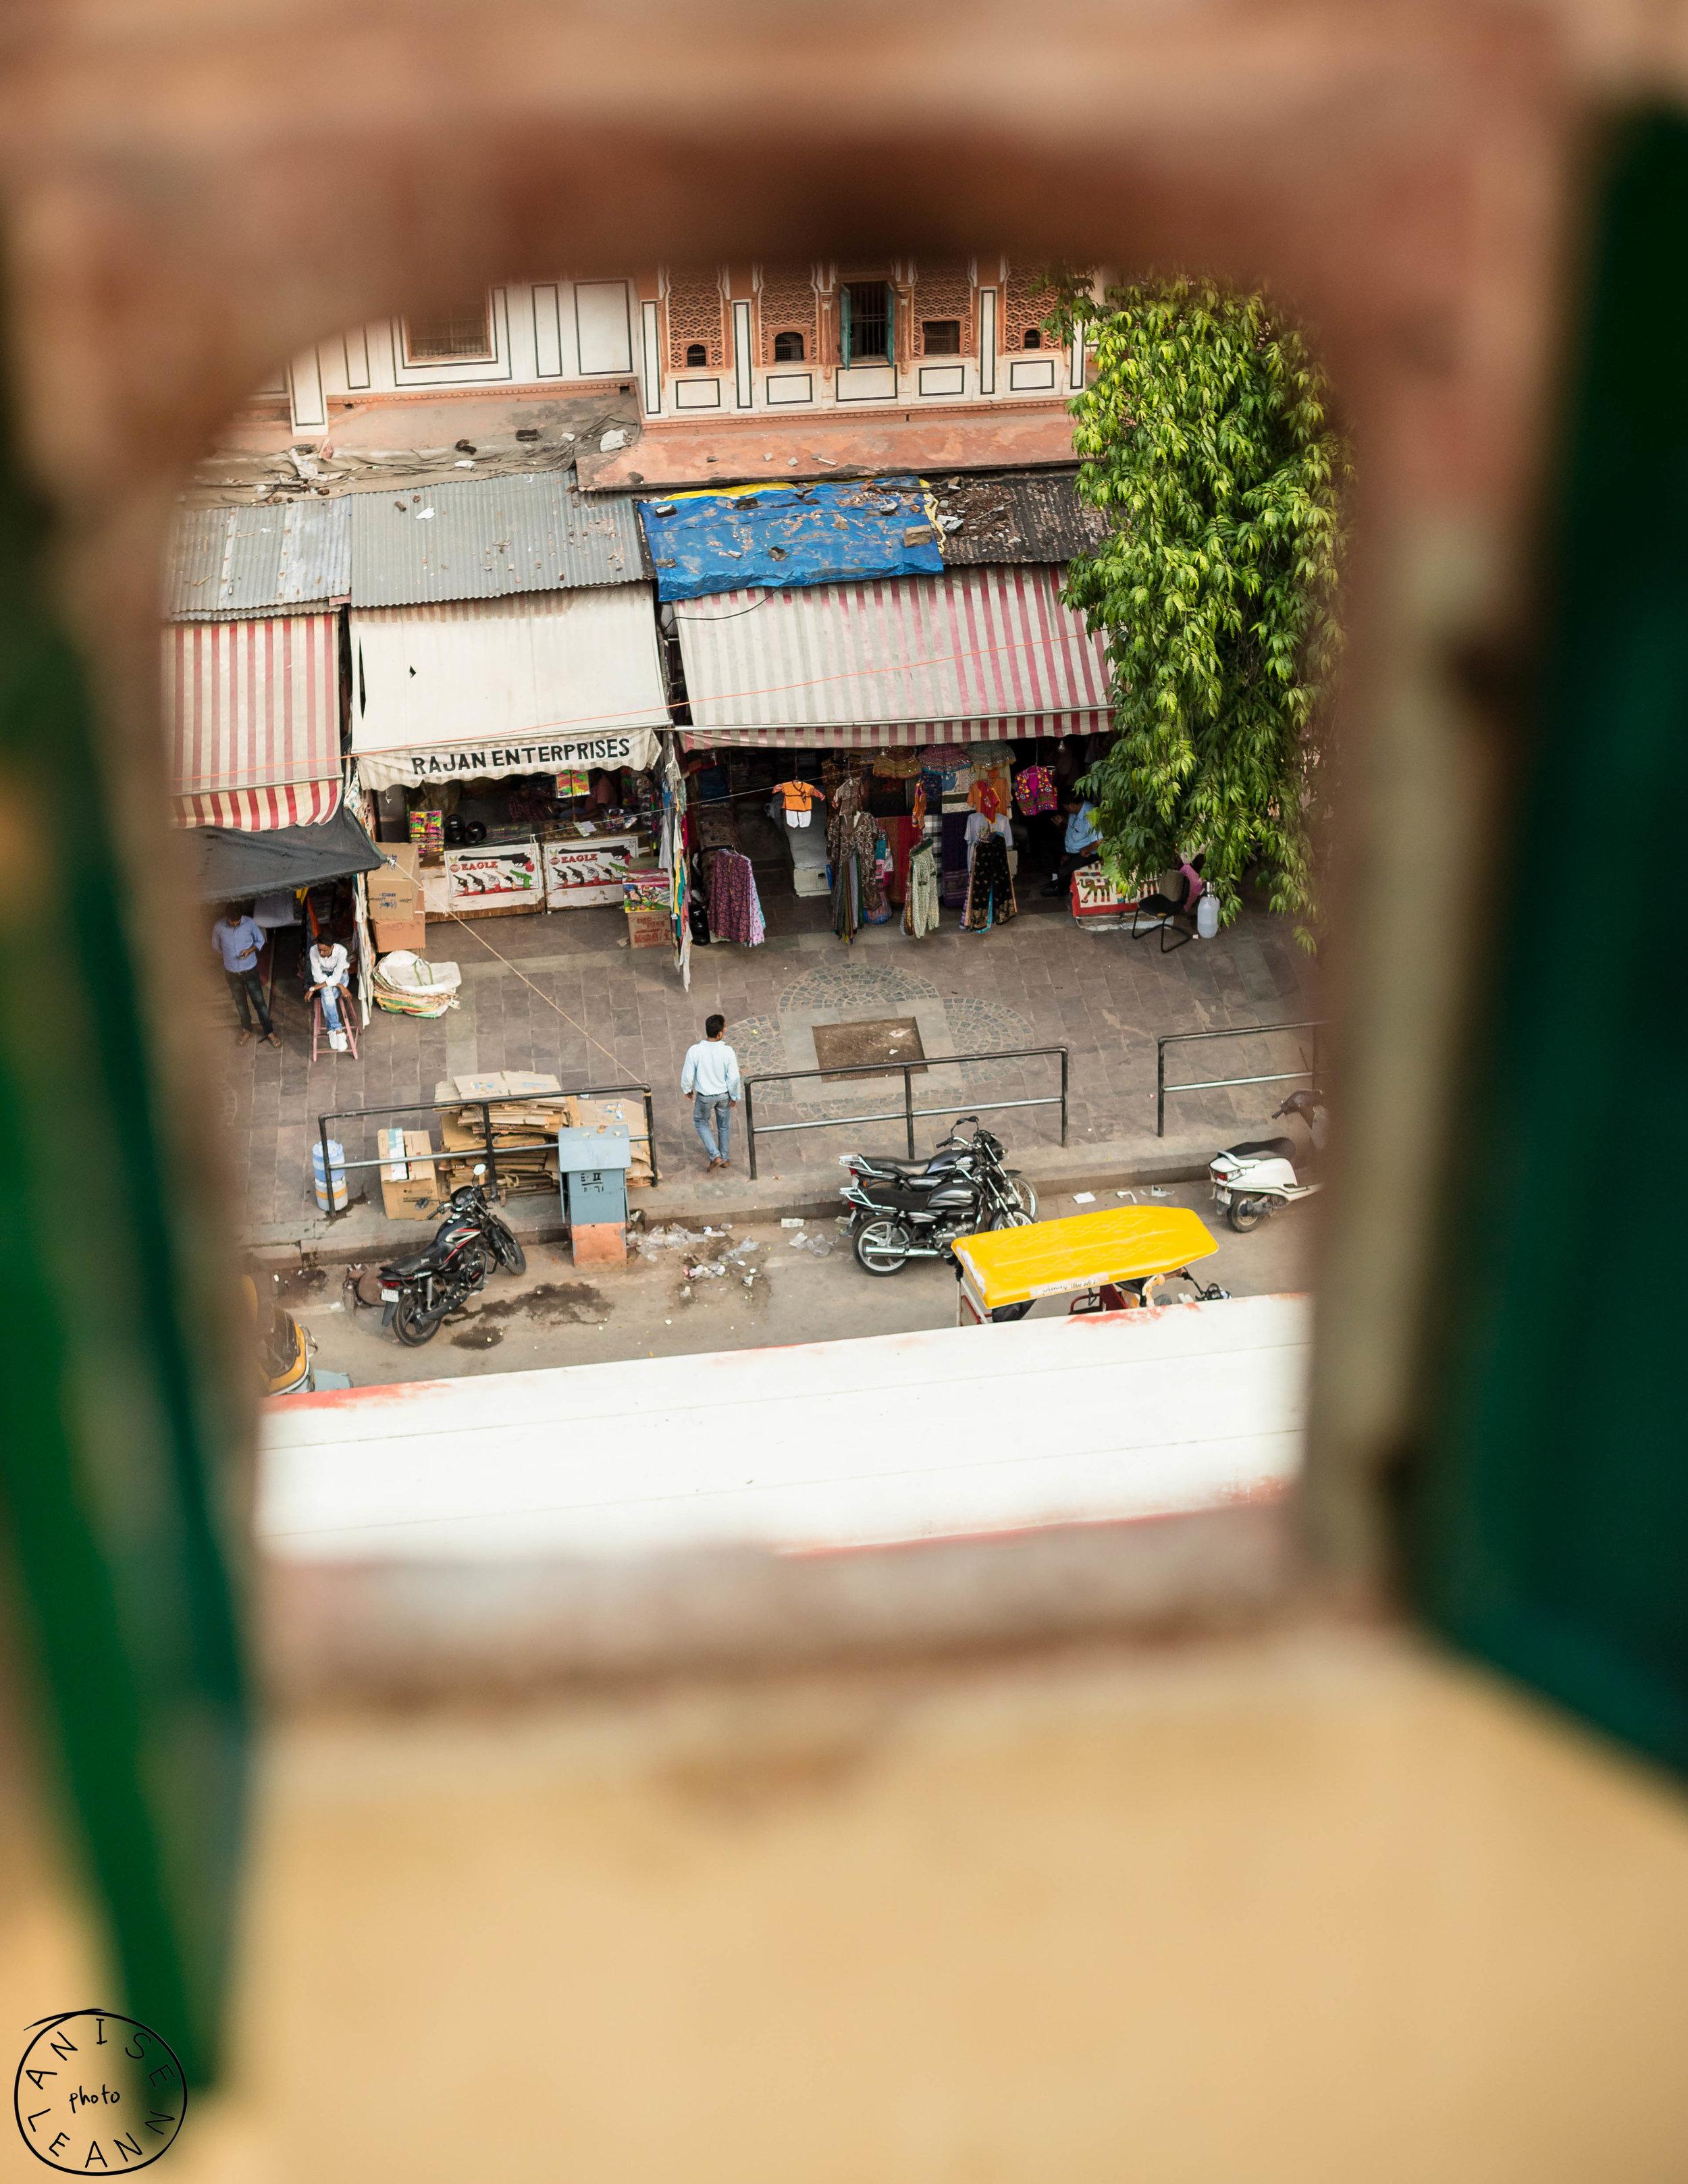 India-Jaipur-Day1-82.jpg